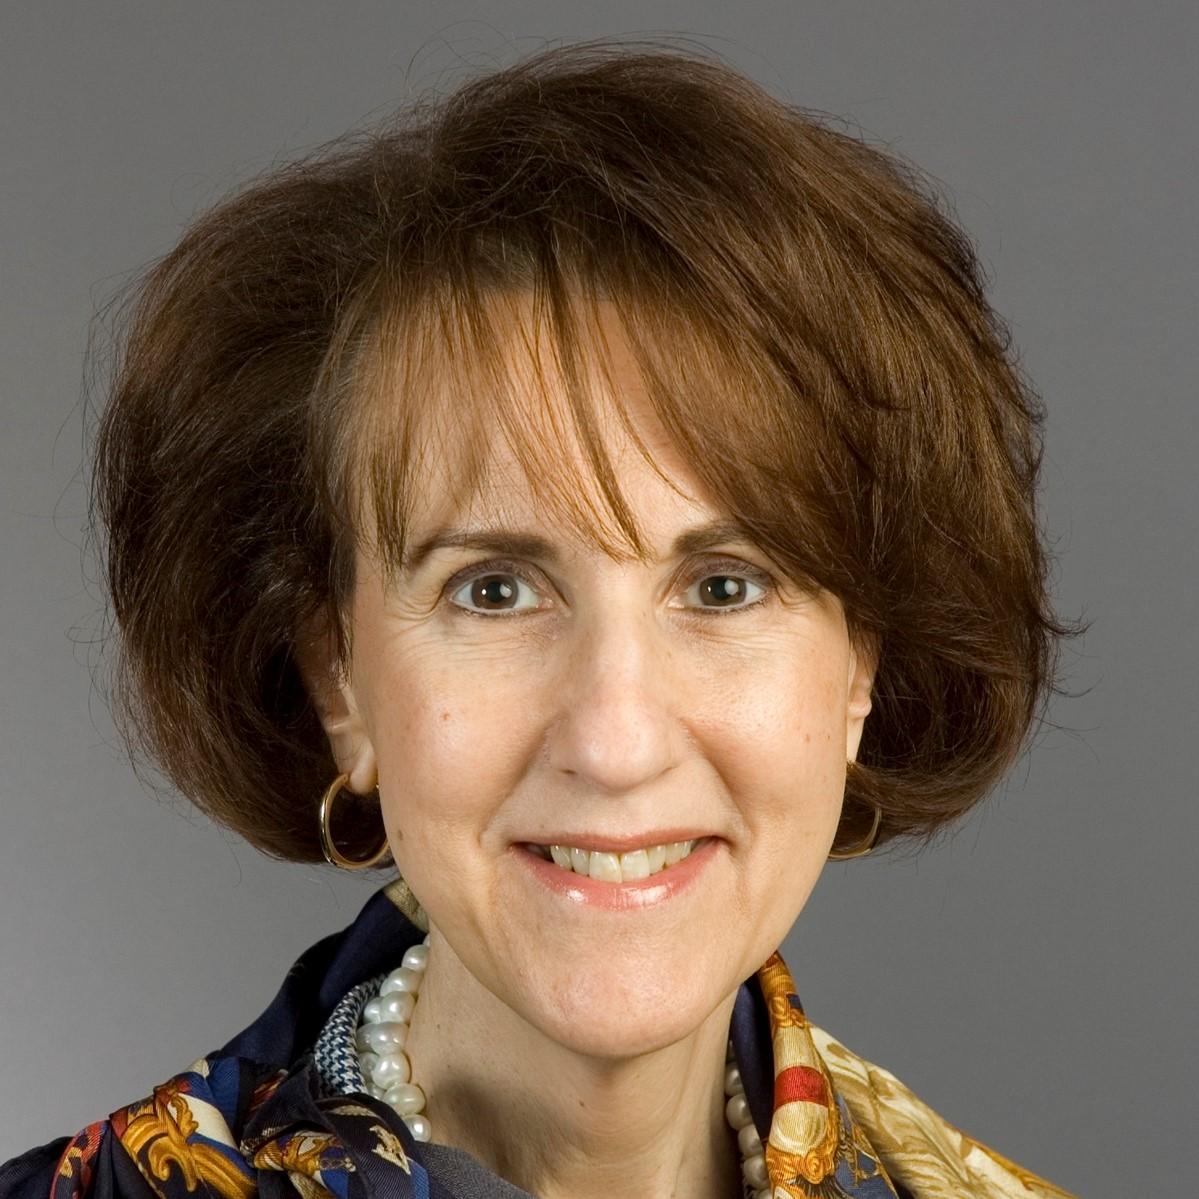 查琳·巴尔舍夫斯基